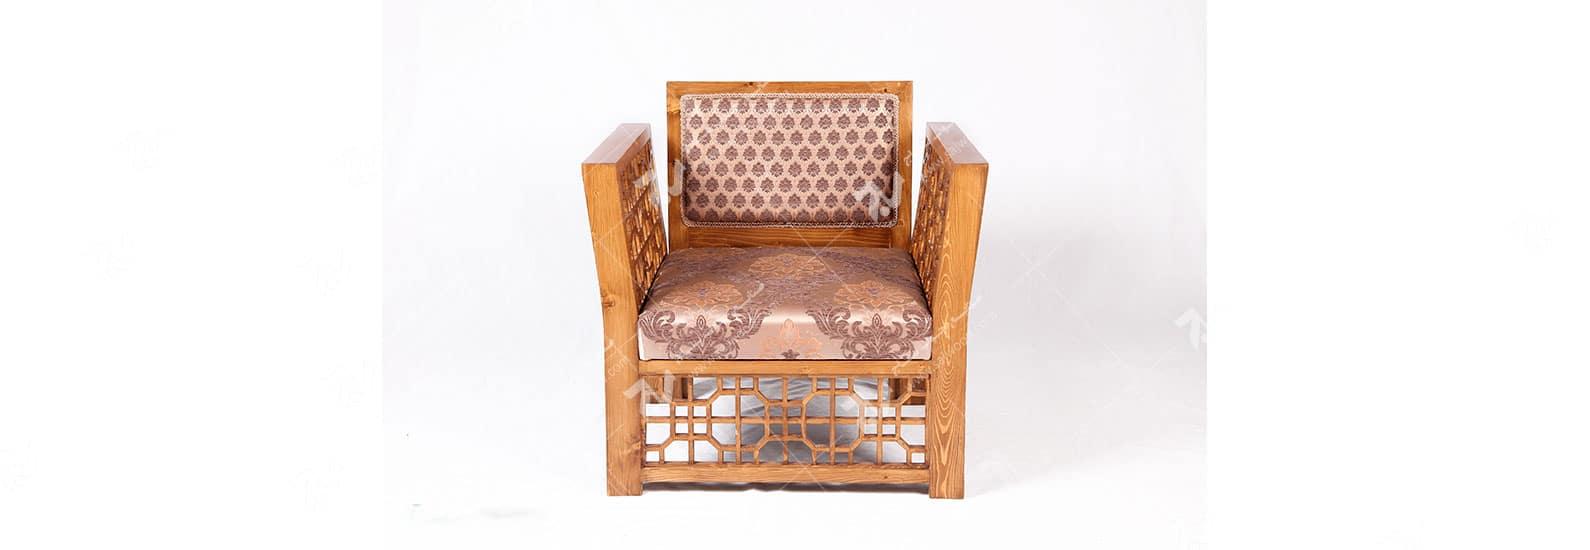 مبلمان چوبی سنتی تک نفره گره چینی مشبک - سها کد ۲۵۴